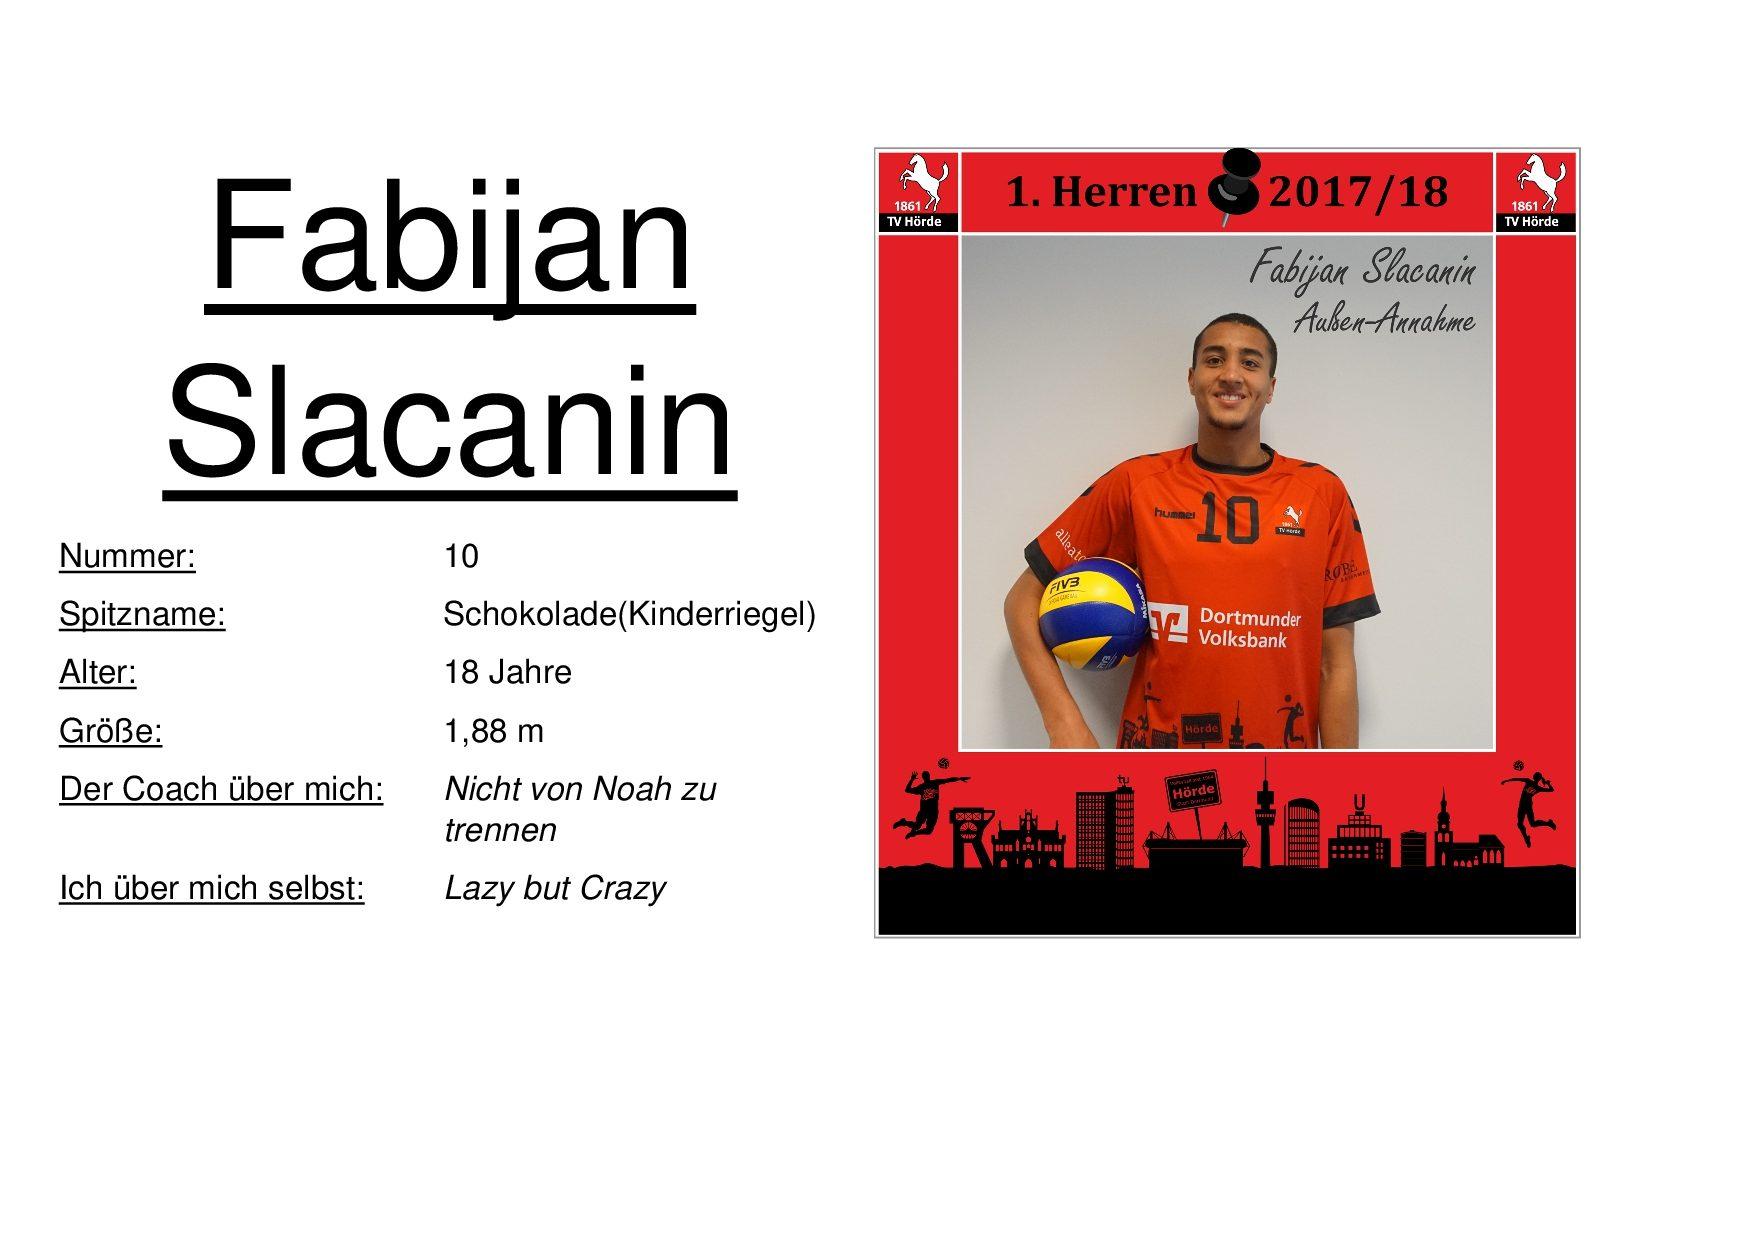 Fabijan Slacanin